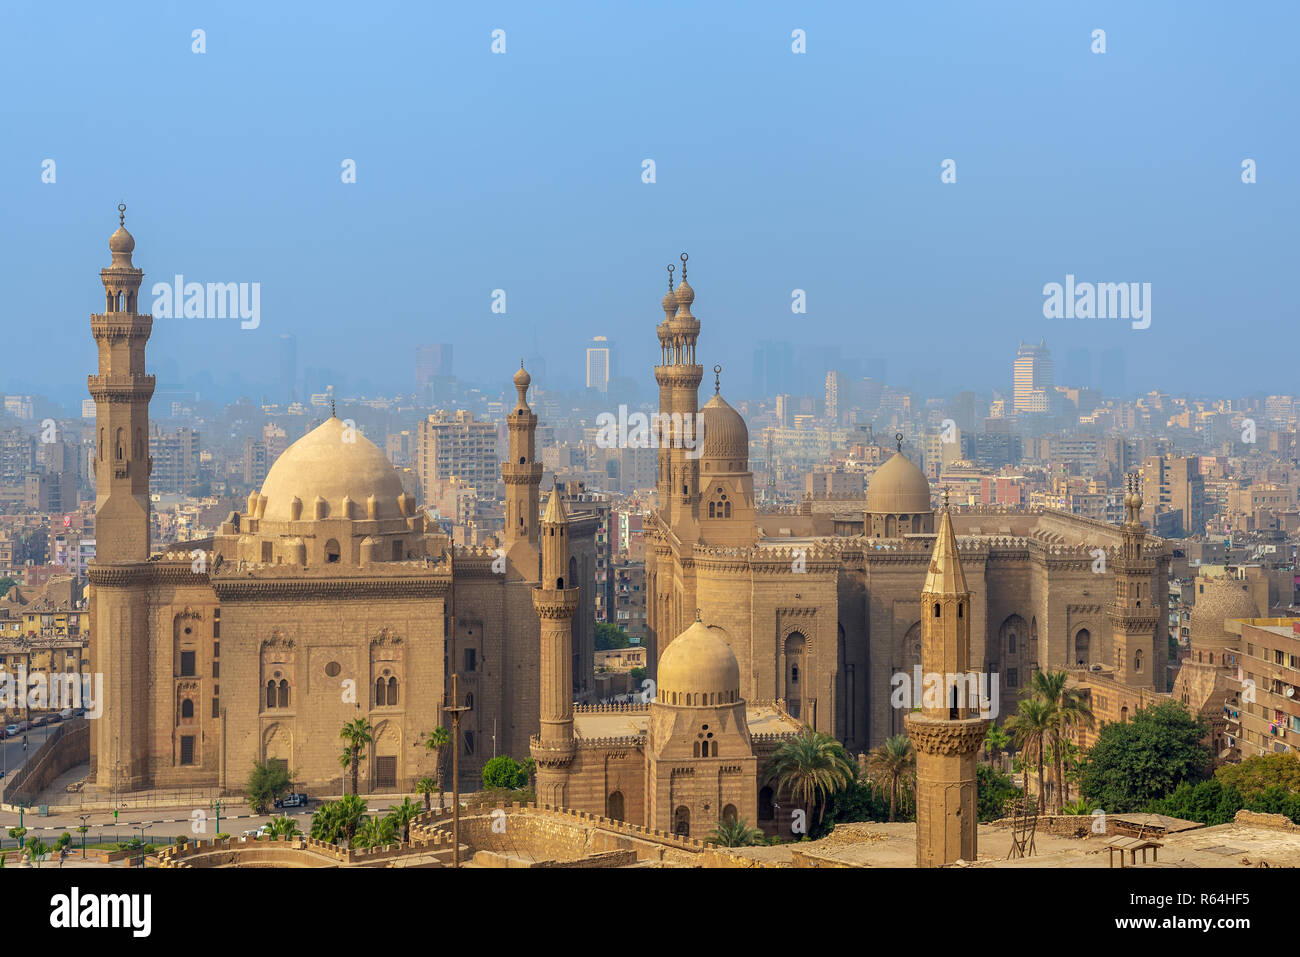 Vista aérea de la ciudad de El Cairo de Salah al Deen Citadel (Ciudadela de Cairo) con Al Sultan Hassan y Al Rifai mezquitas en El Cairo, Egipto Foto de stock